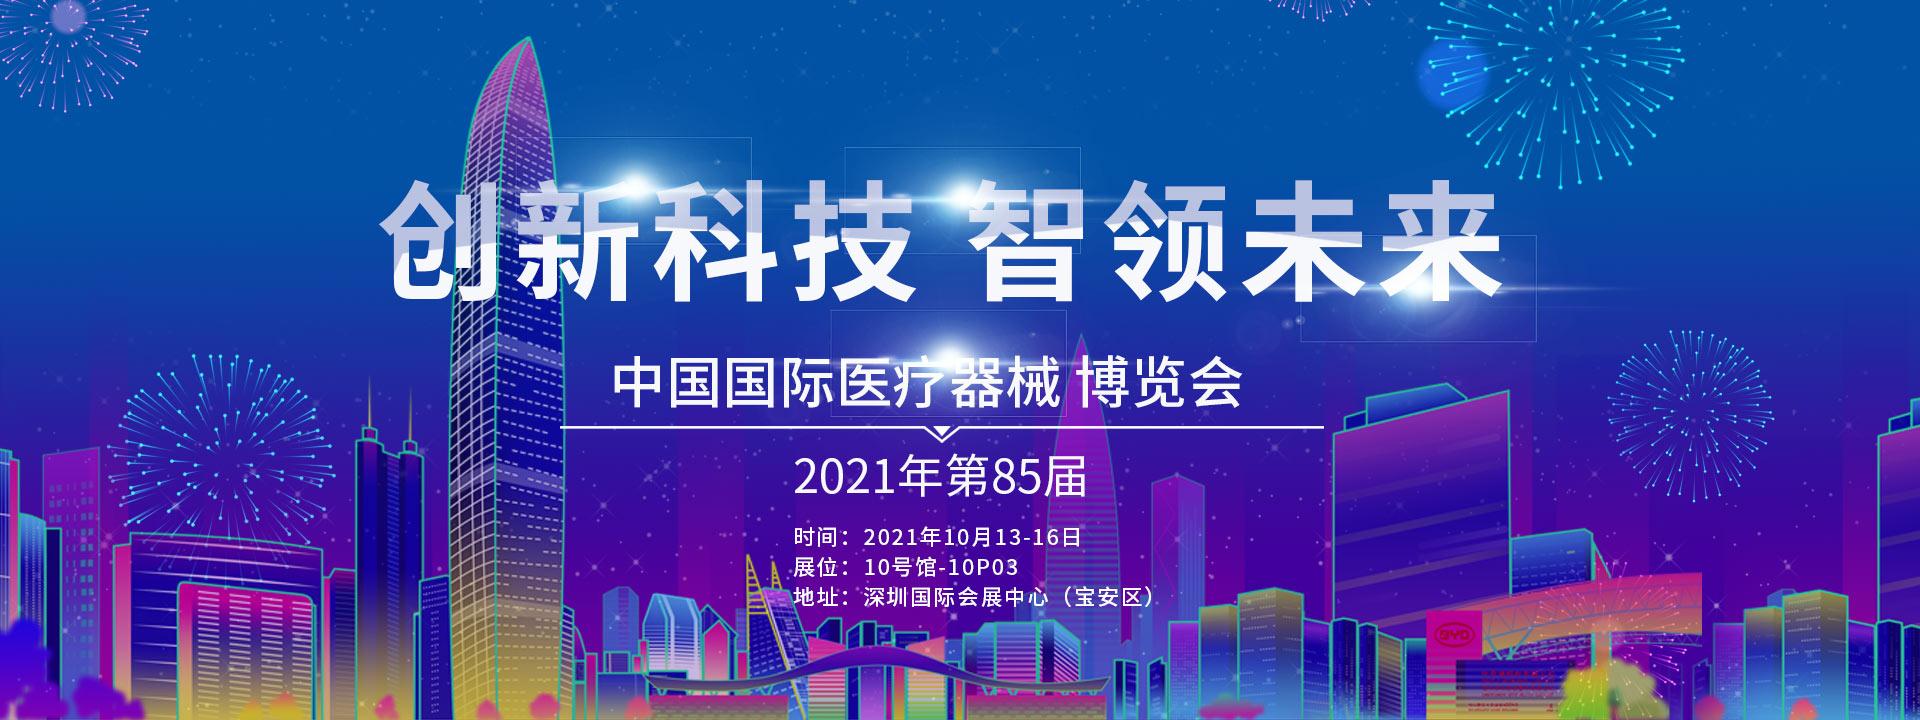 雅斯2021深圳展会